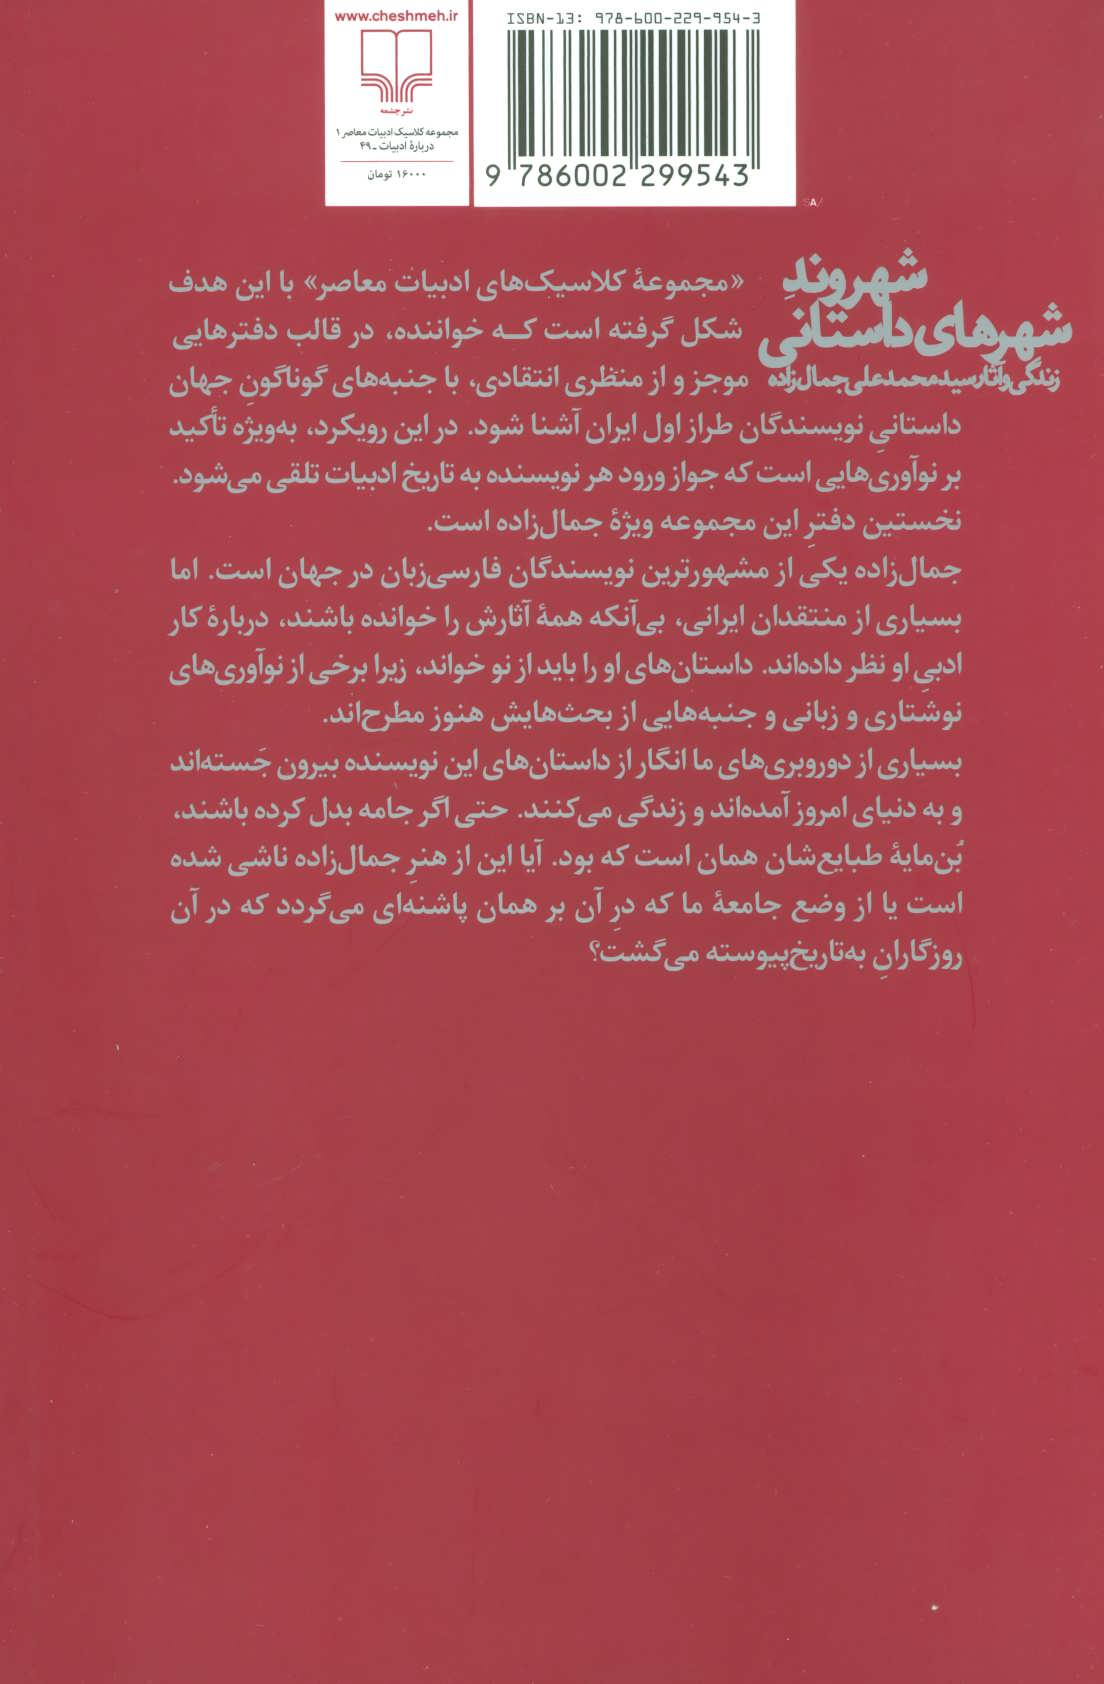 شهروند شهرهای داستانی:زندگی و آثار سیدمحمدعلی جمال زاده (کلاسیک های ادبیات معاصر 1)